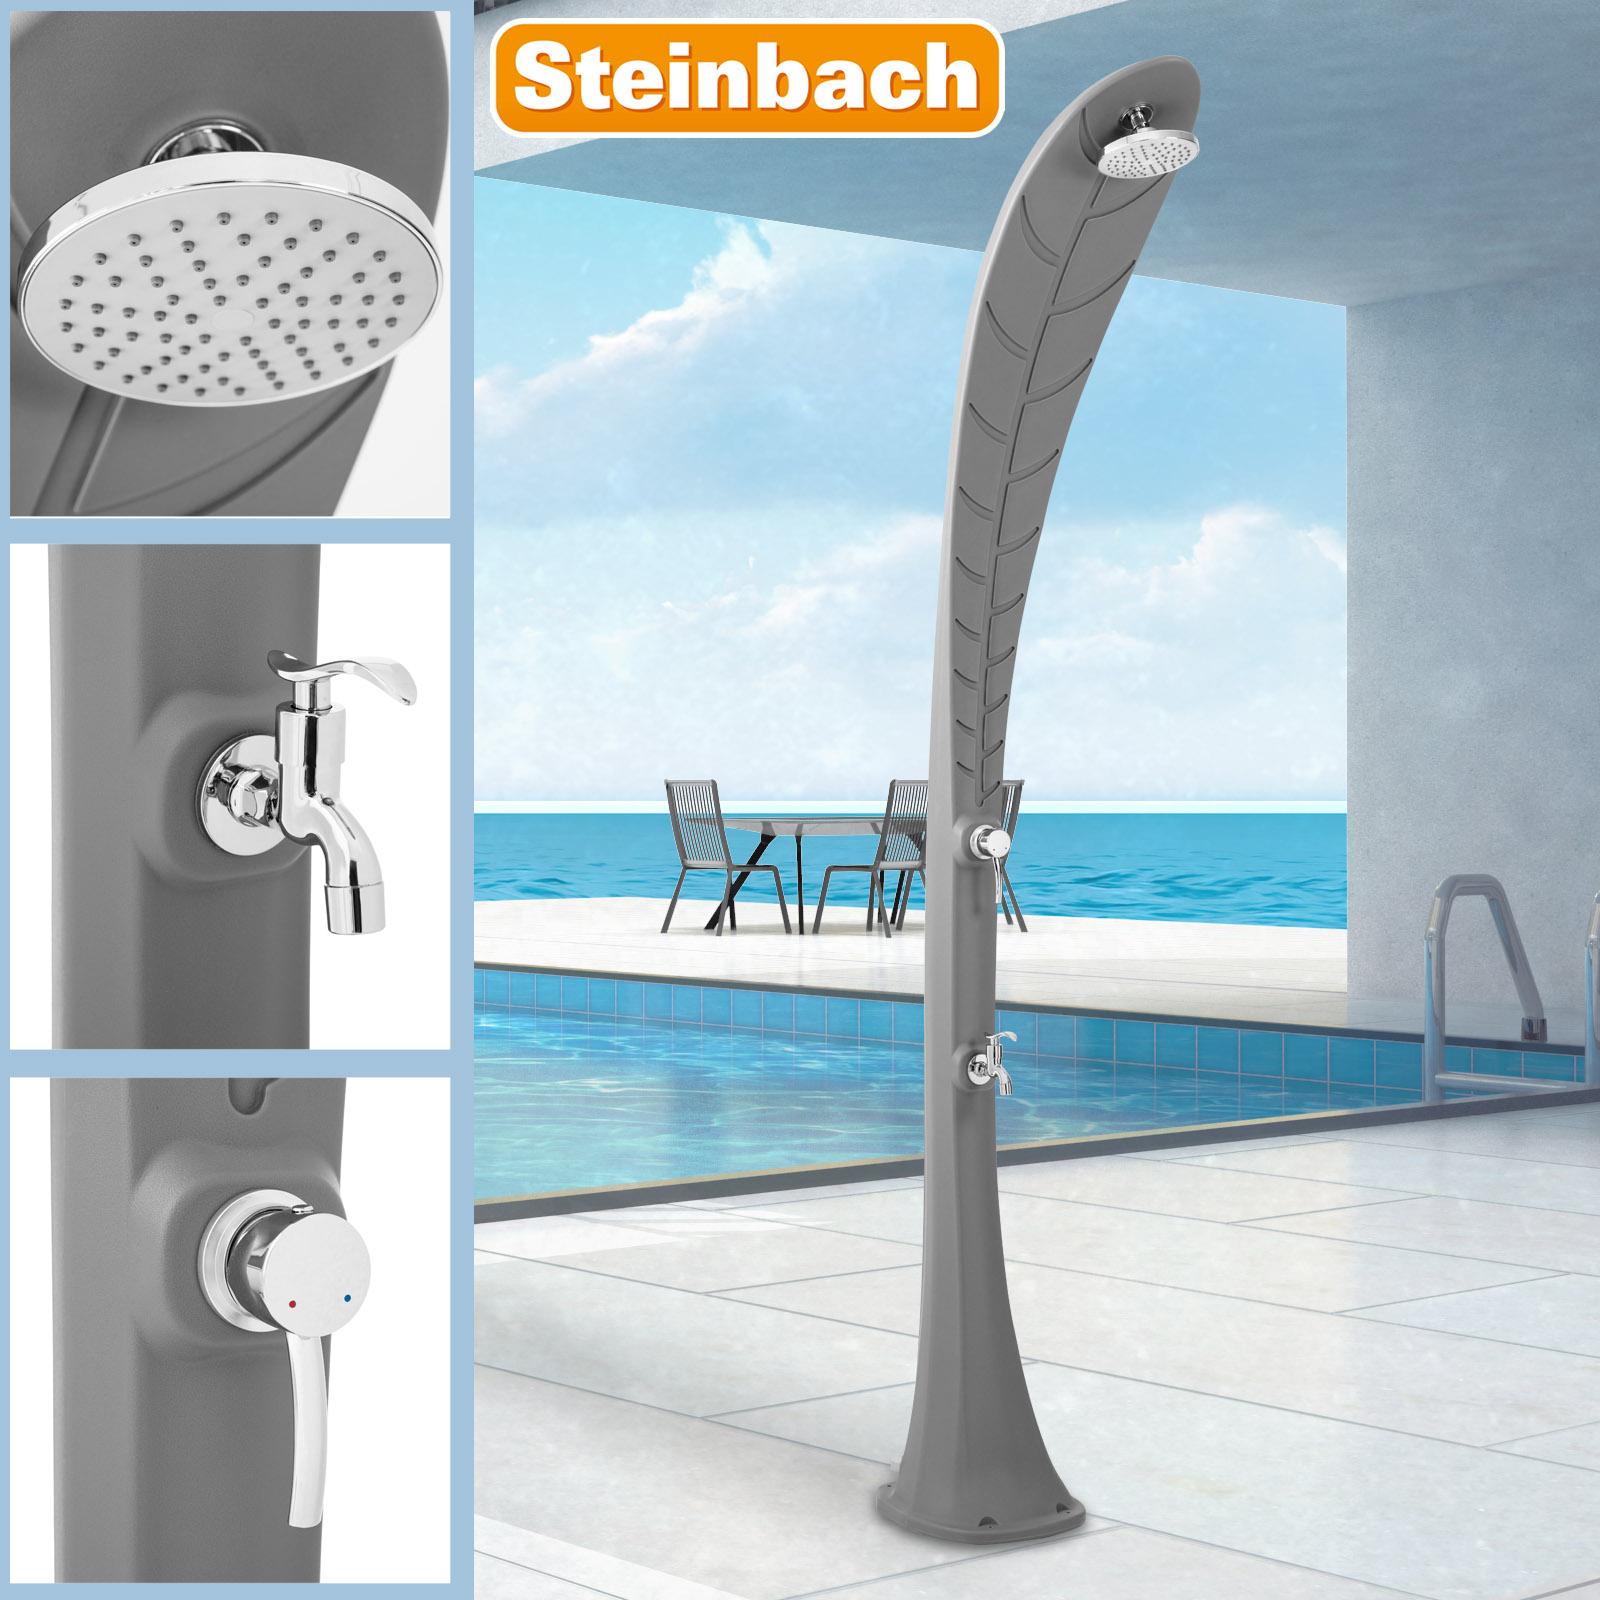 Steinbach Solardusche Leaf grau 49056